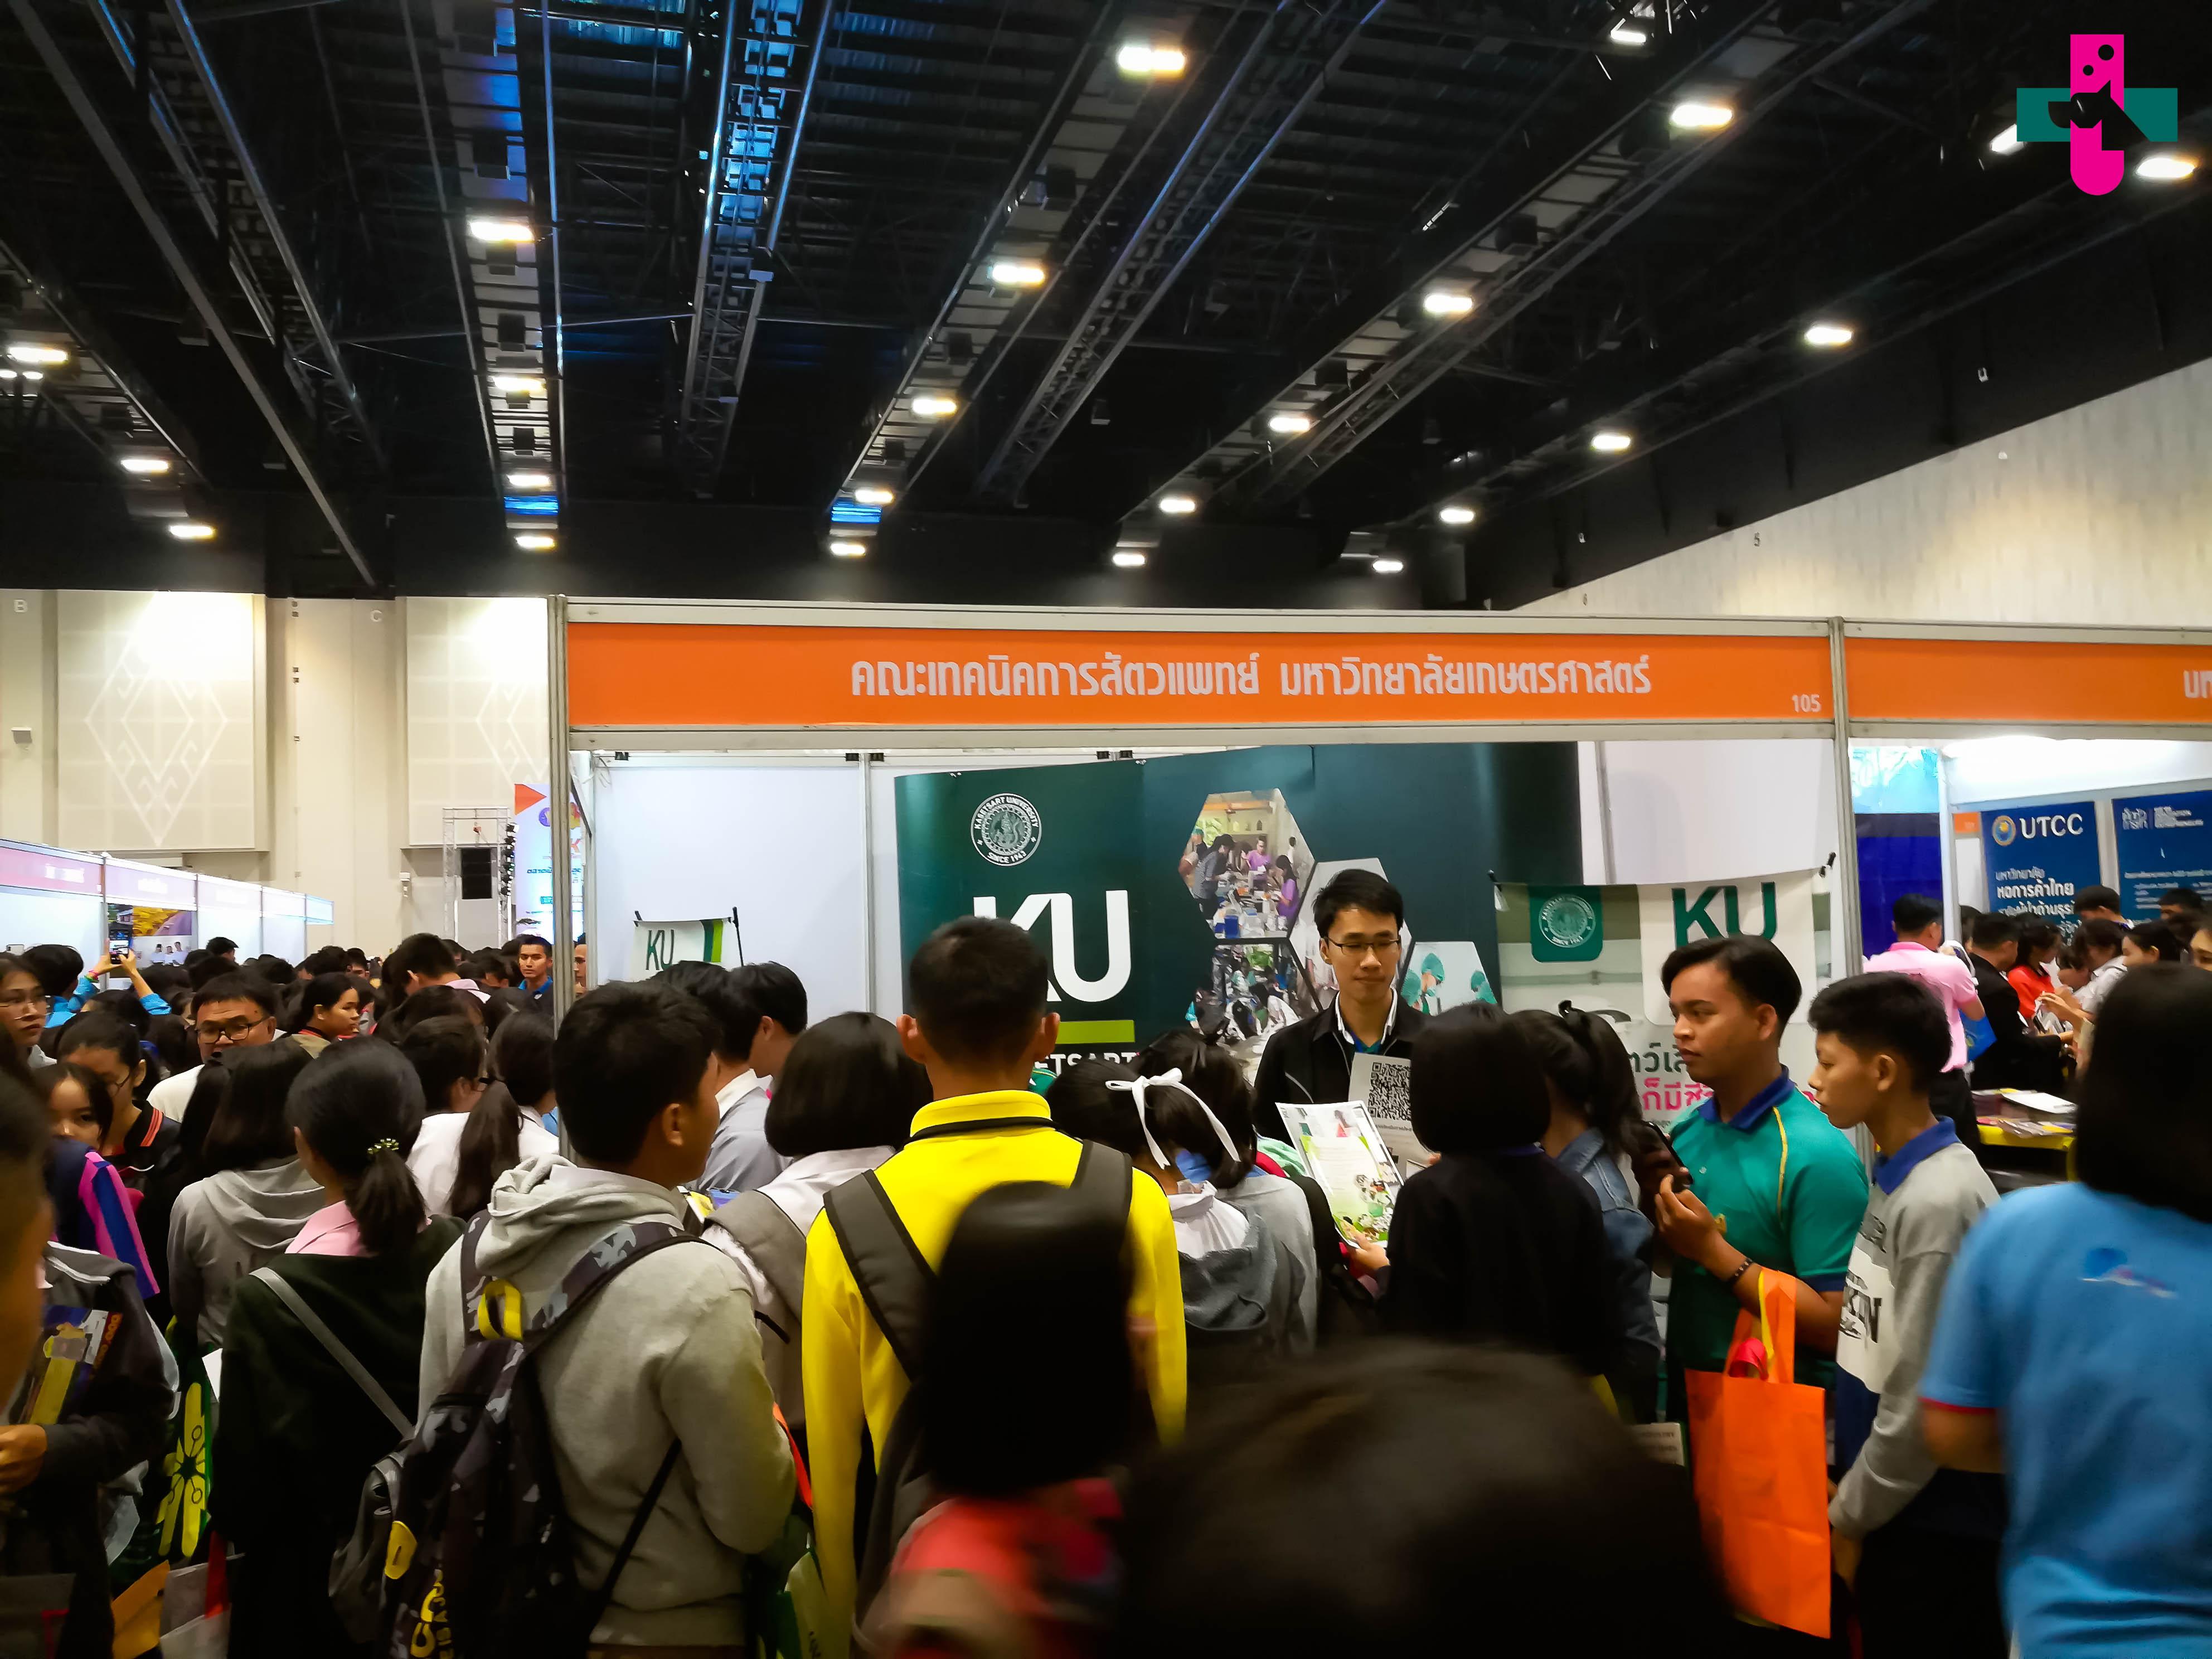 ตลาดนัดอุดมศึกษา ครั้งที่ 23 ณ มหาวิทยาลัยขอนแก่น